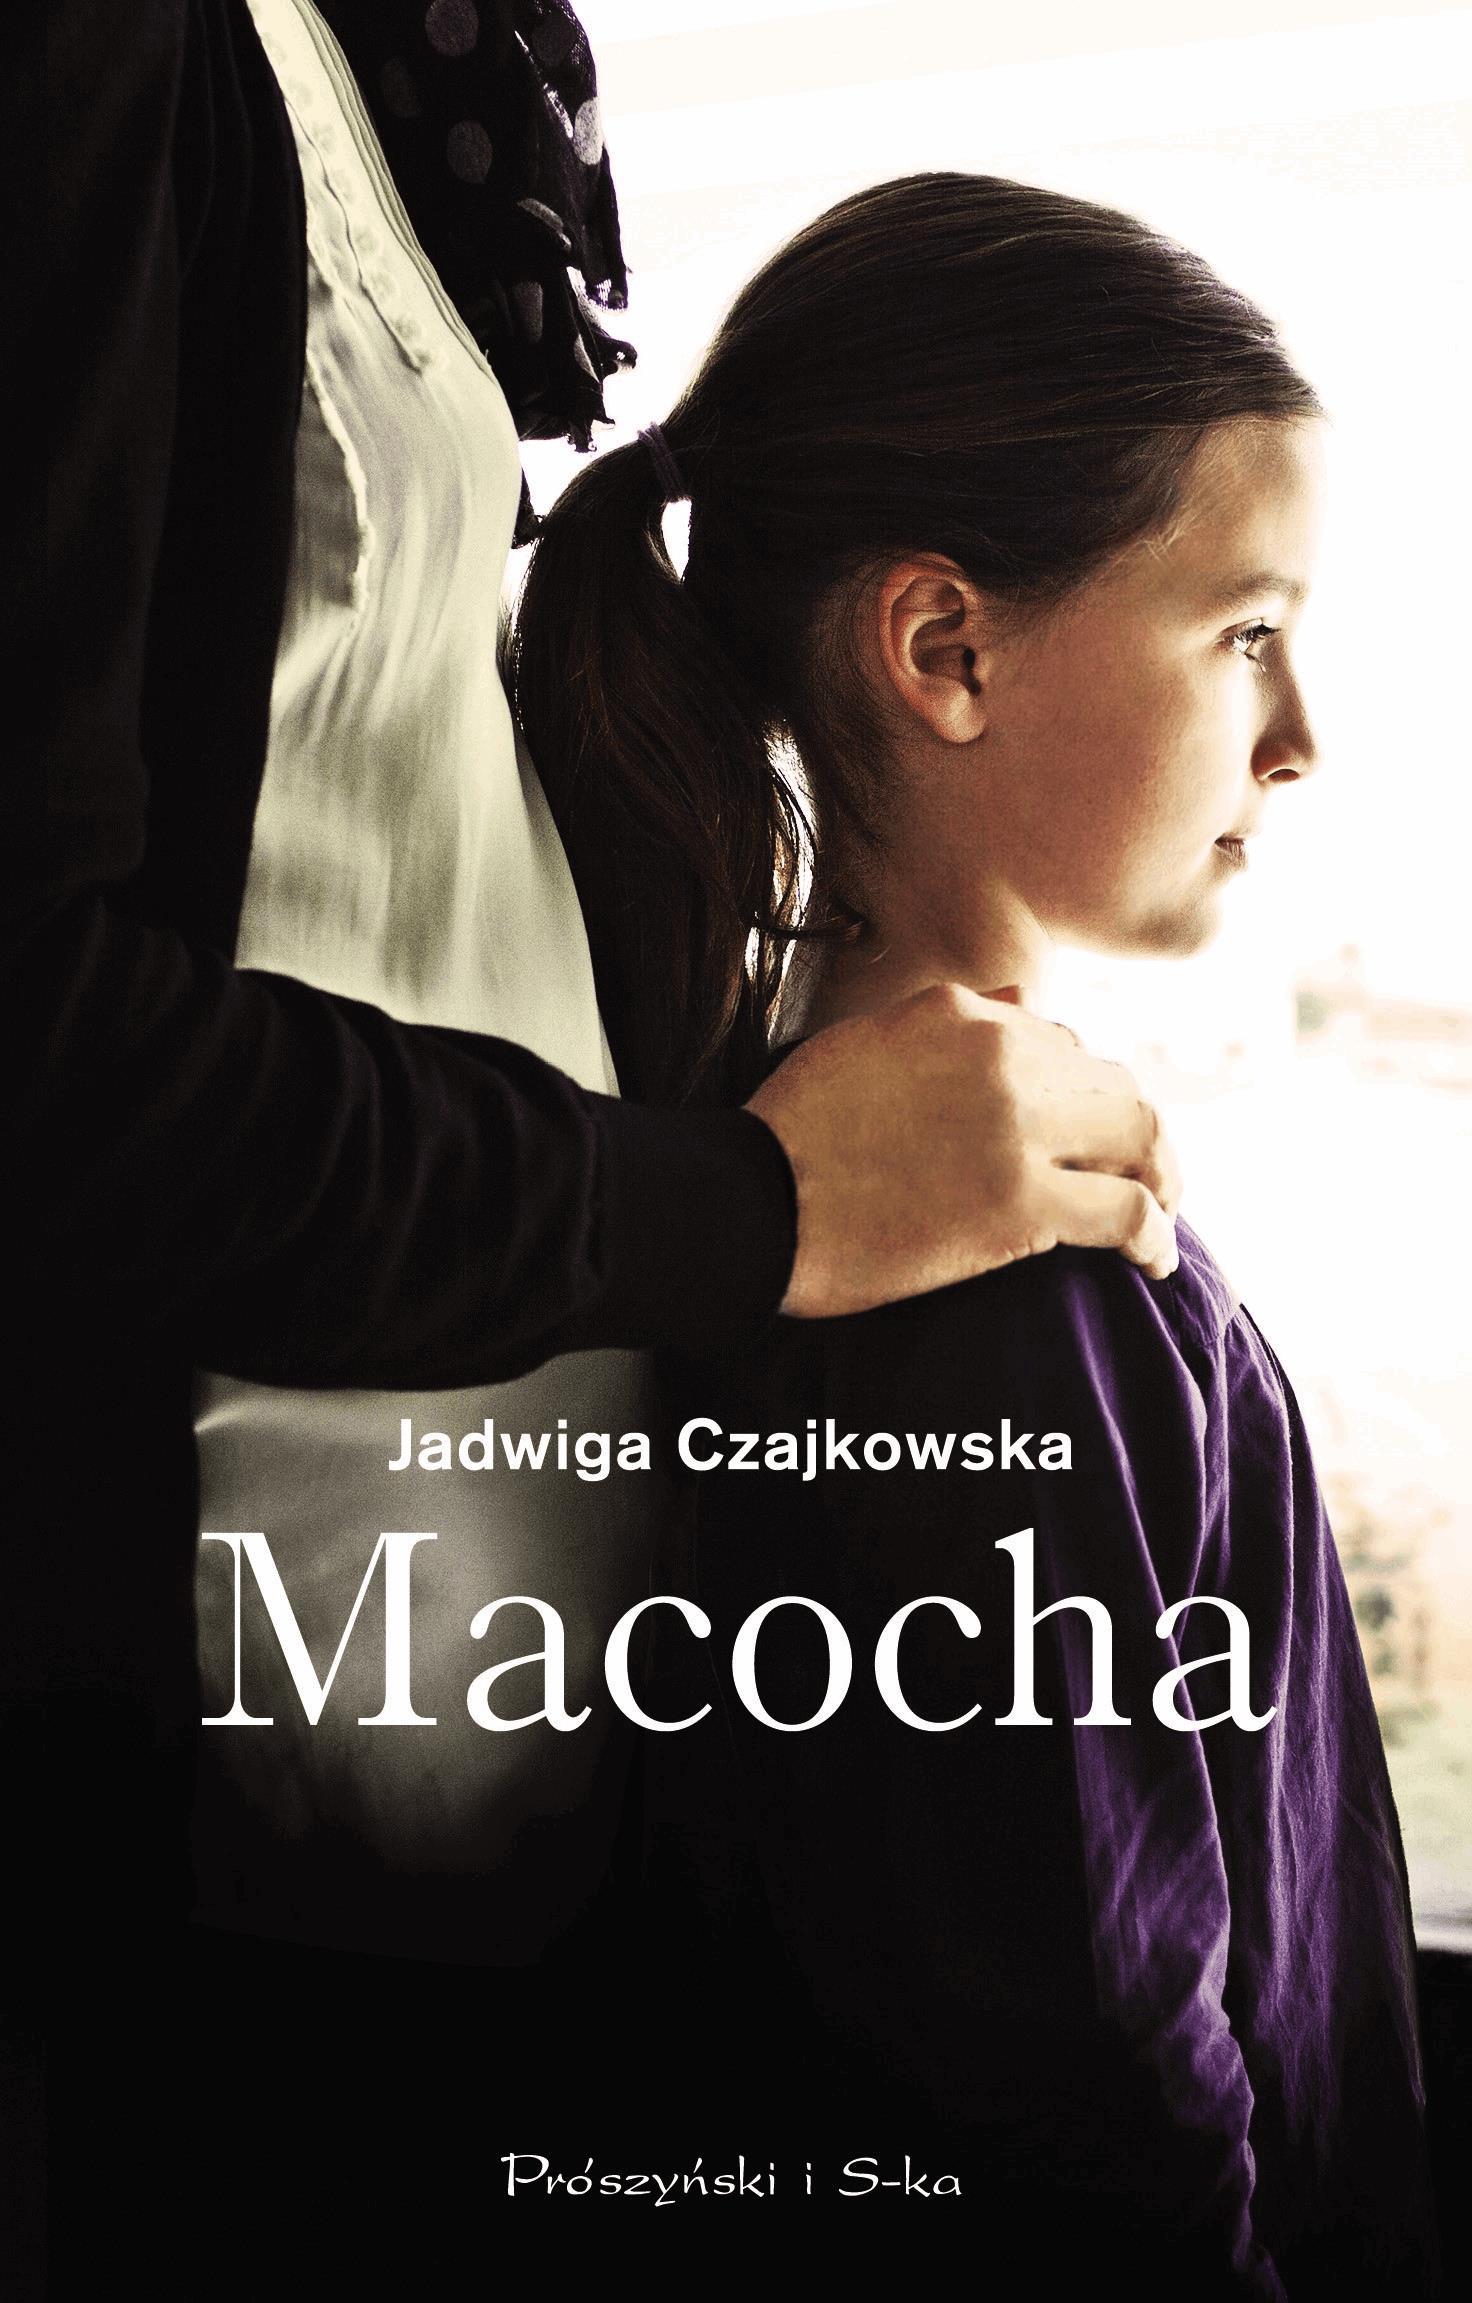 Macocha - Tylko w Legimi możesz przeczytać ten tytuł przez 7 dni za darmo. - Jadwiga Czajkowska